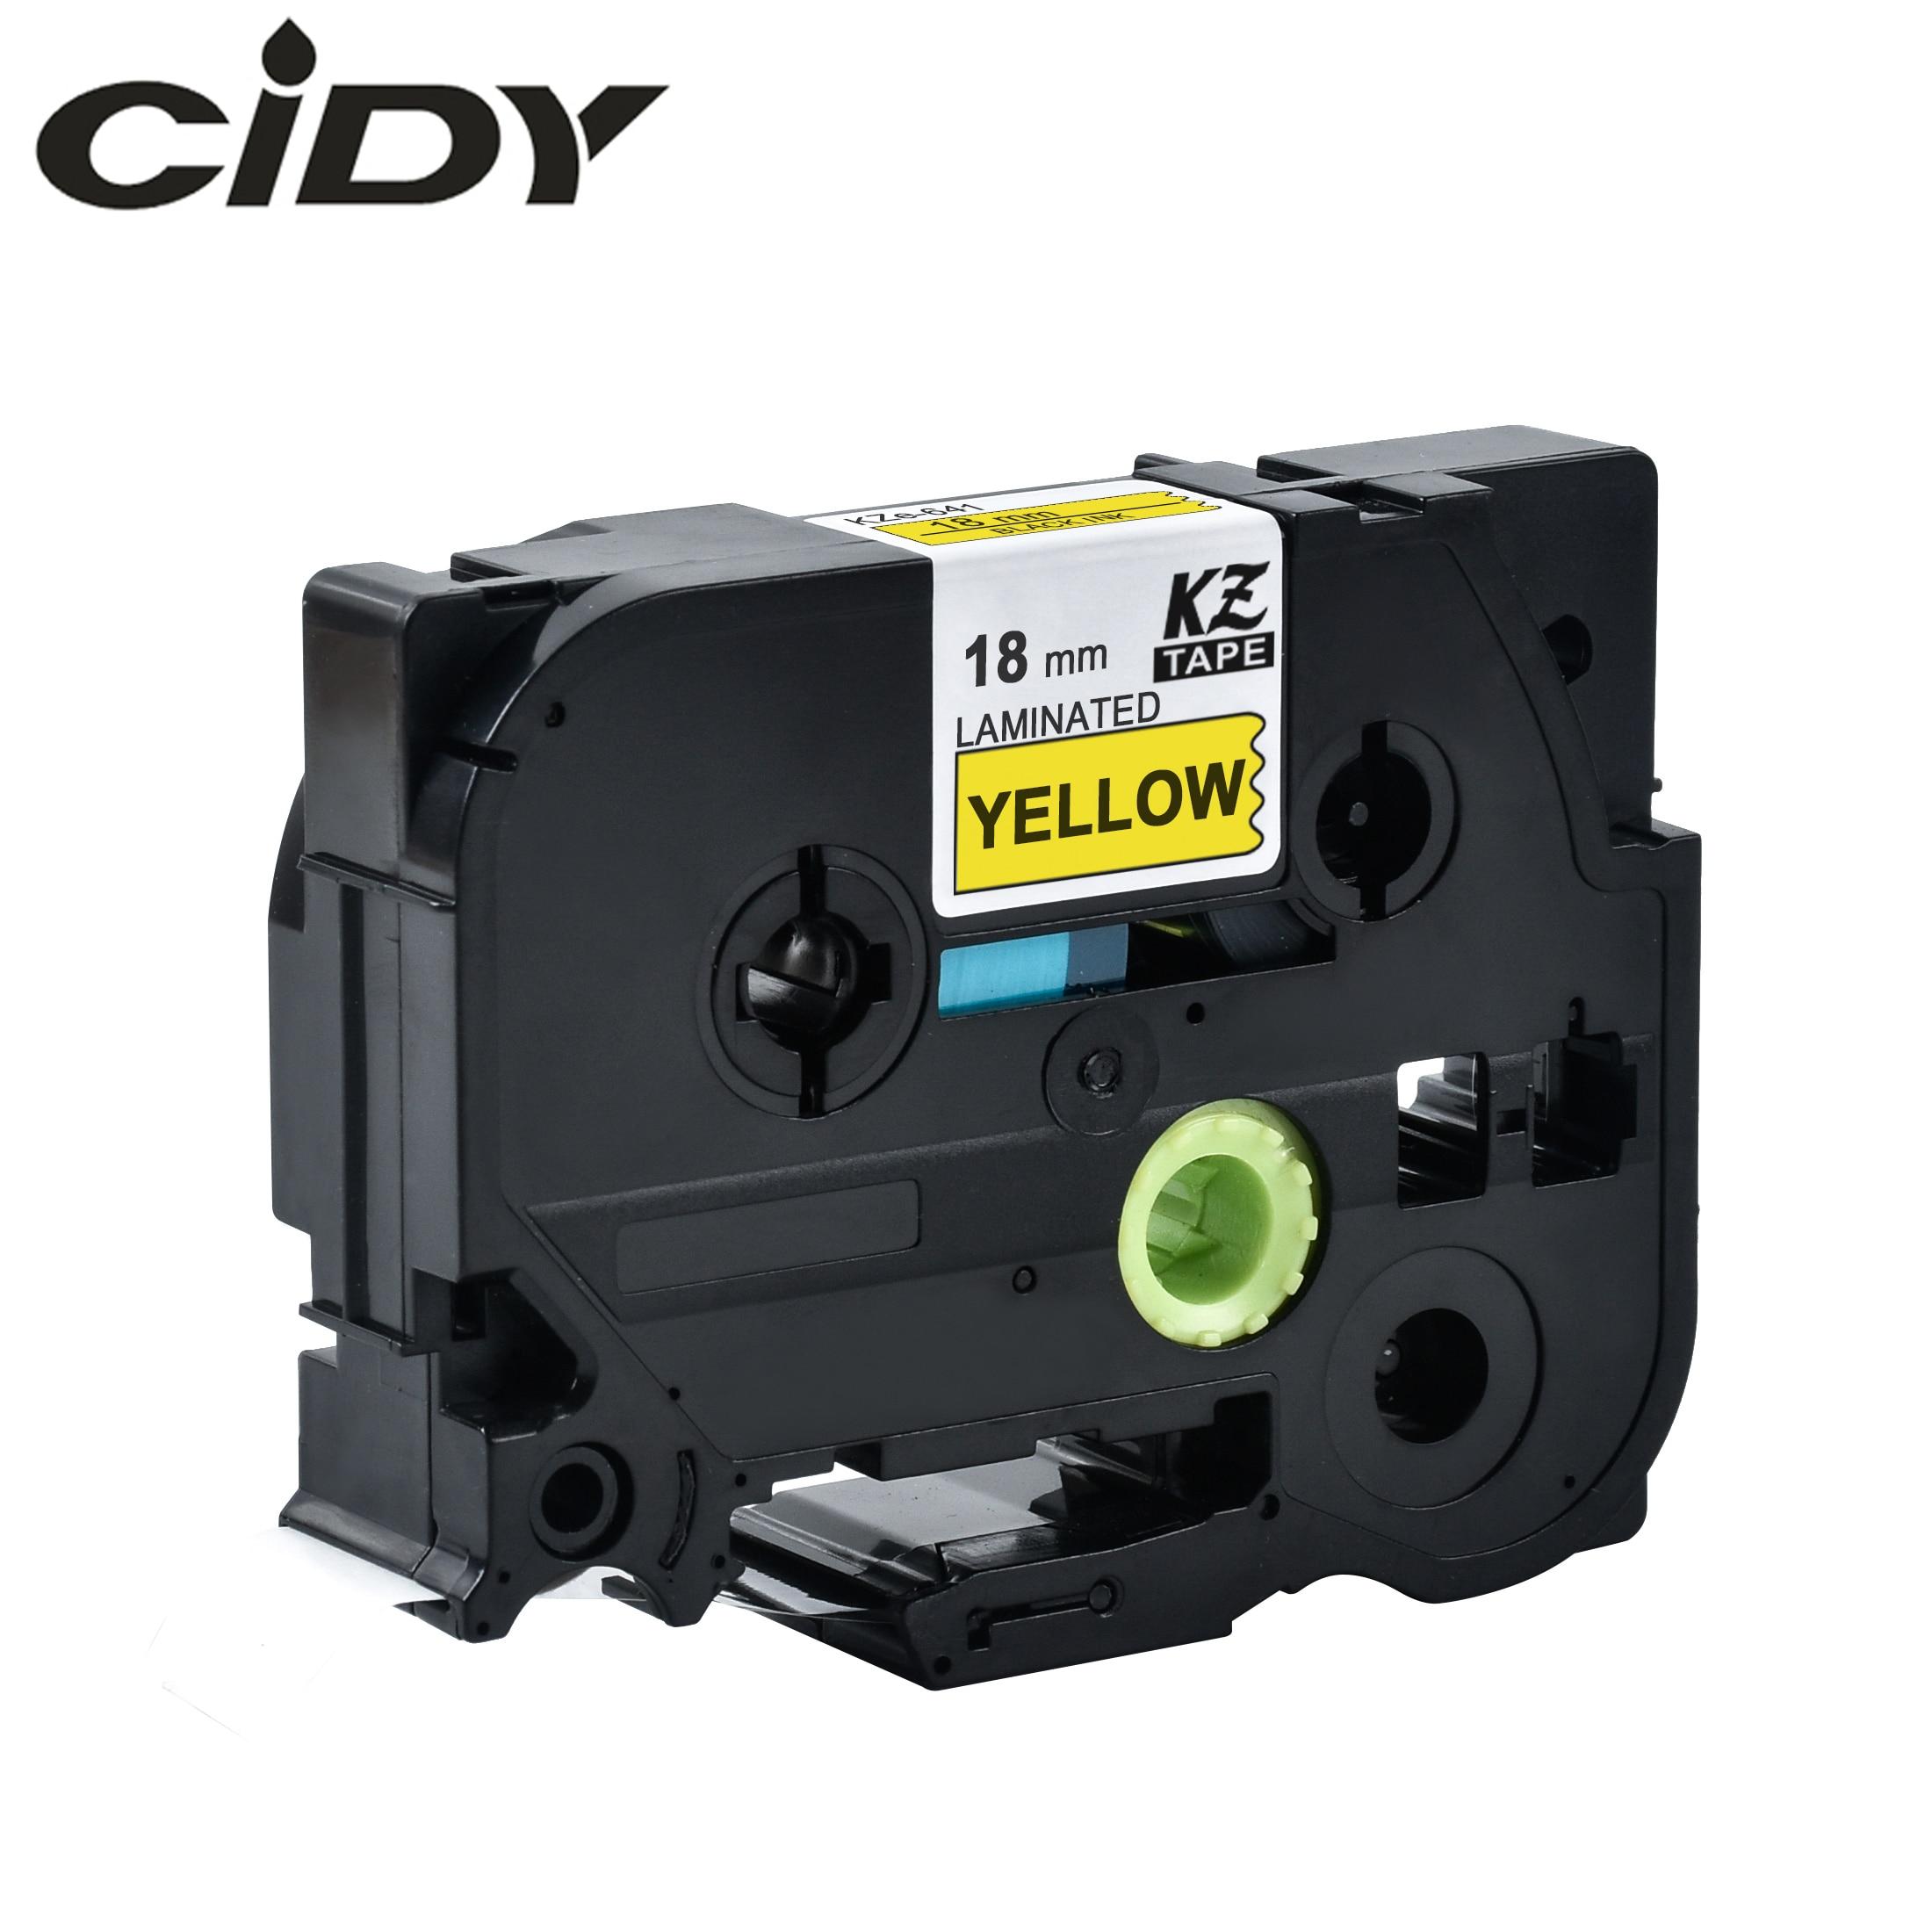 CIDY Tze 641 Tz641 Black On Yellow Laminated Compatible P Touch 18mm Tze-641 Tz-641 Tze641 Label Tape Cassette Cartridge